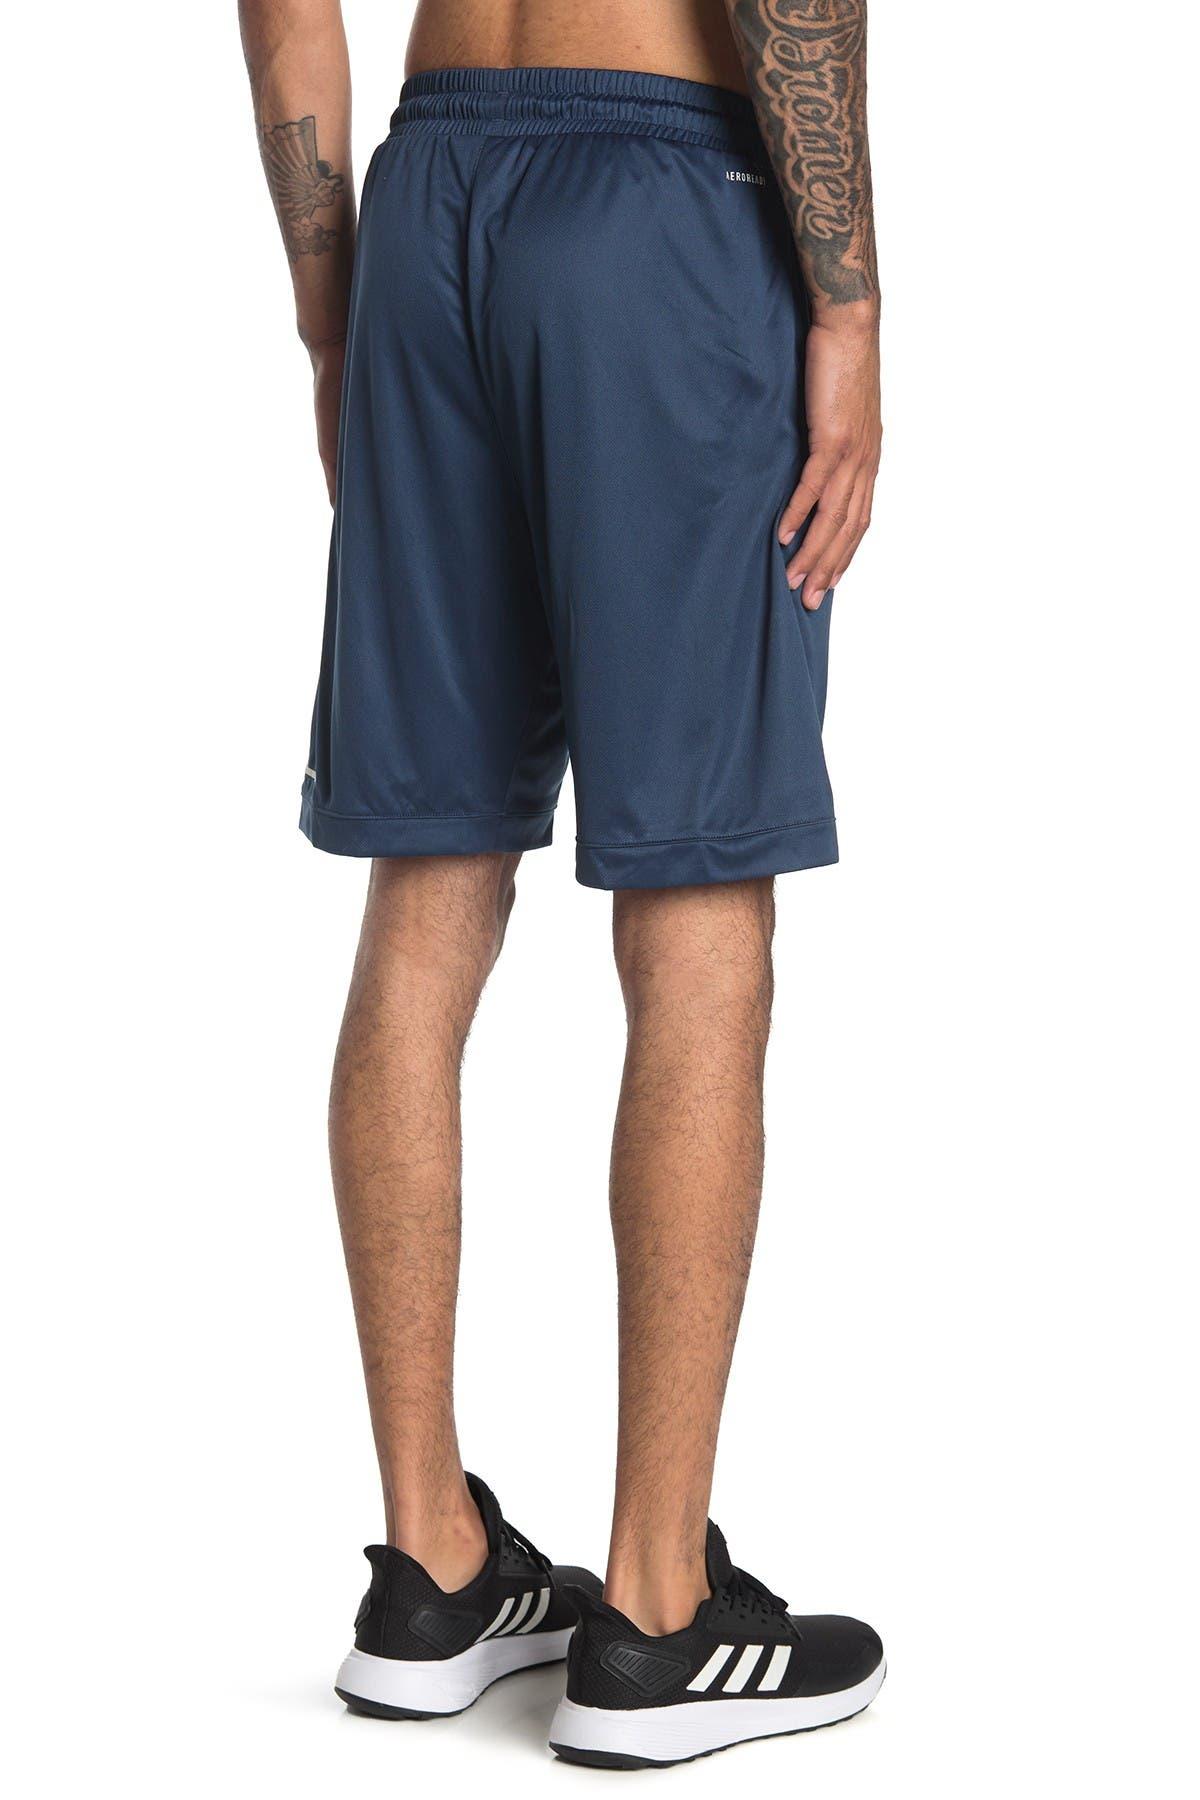 Image of adidas Big Logo Shorts